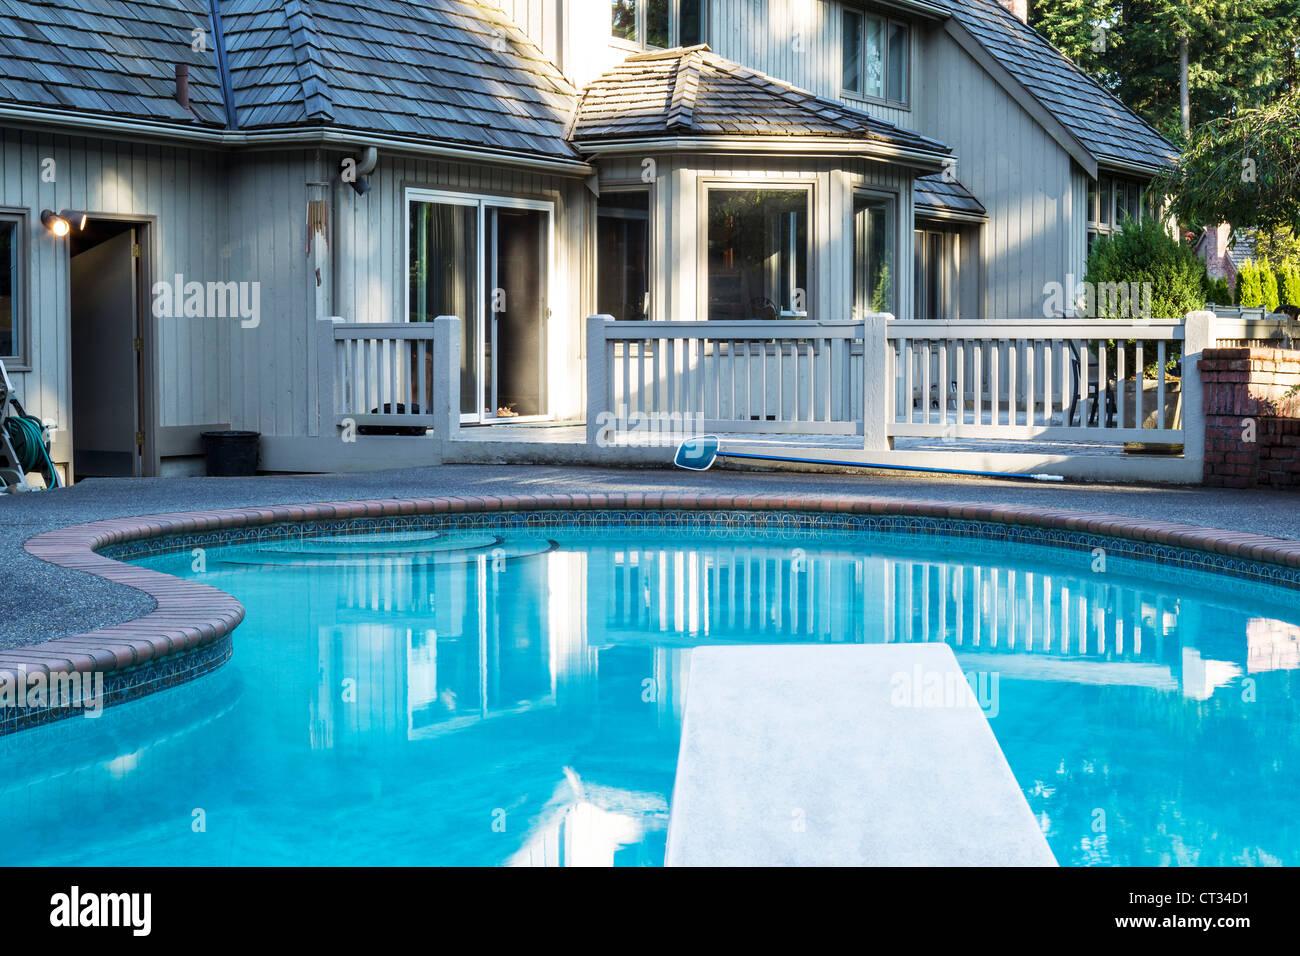 Piscina esterna riscaldata con grande casa in background con alberi verdi Immagini Stock